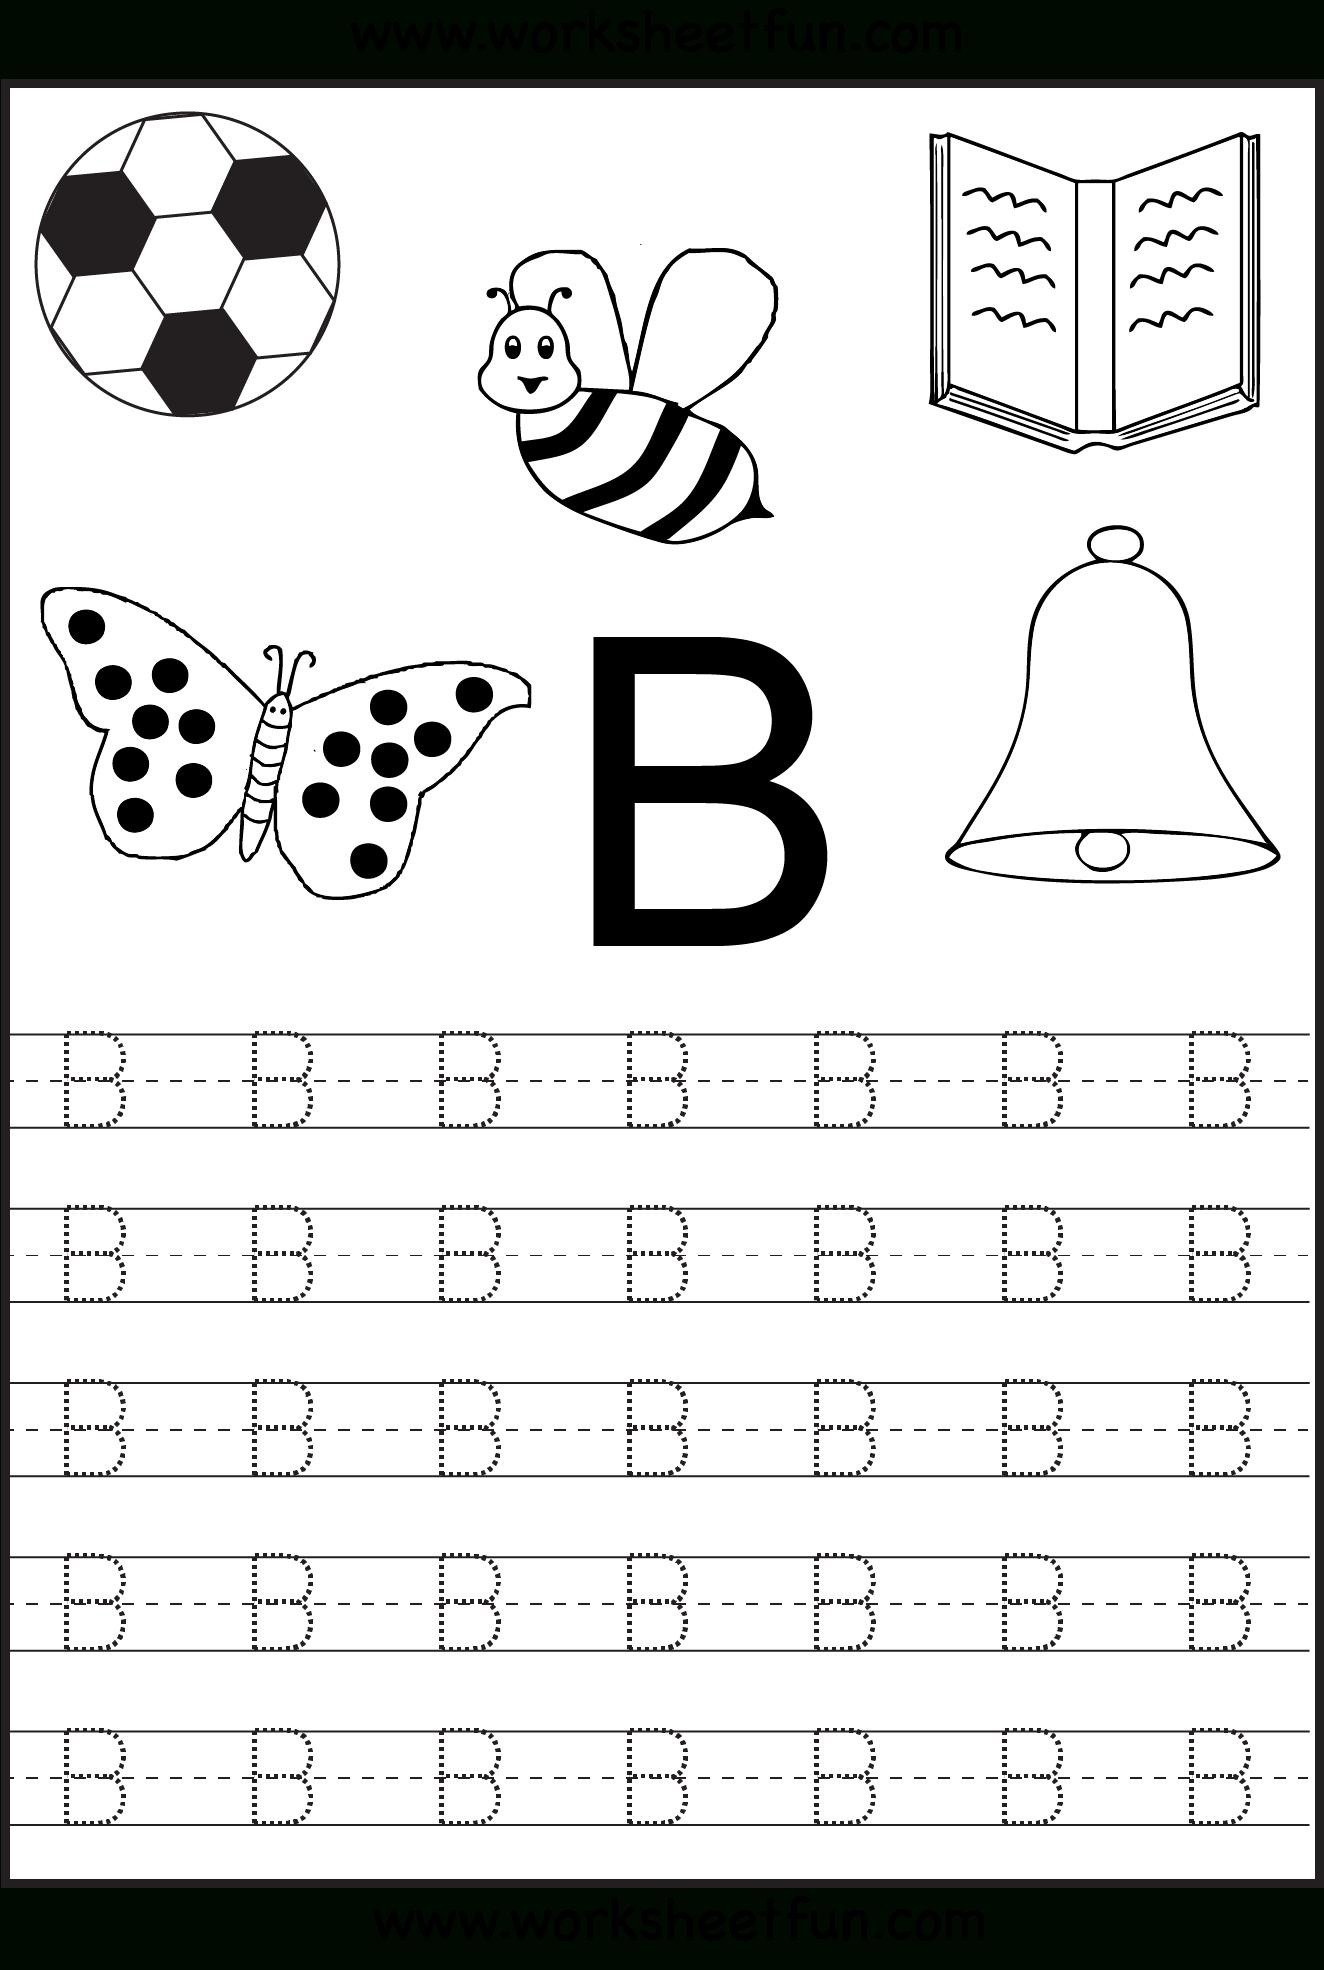 Free Printable Letter Tracing Worksheets For Kindergarten